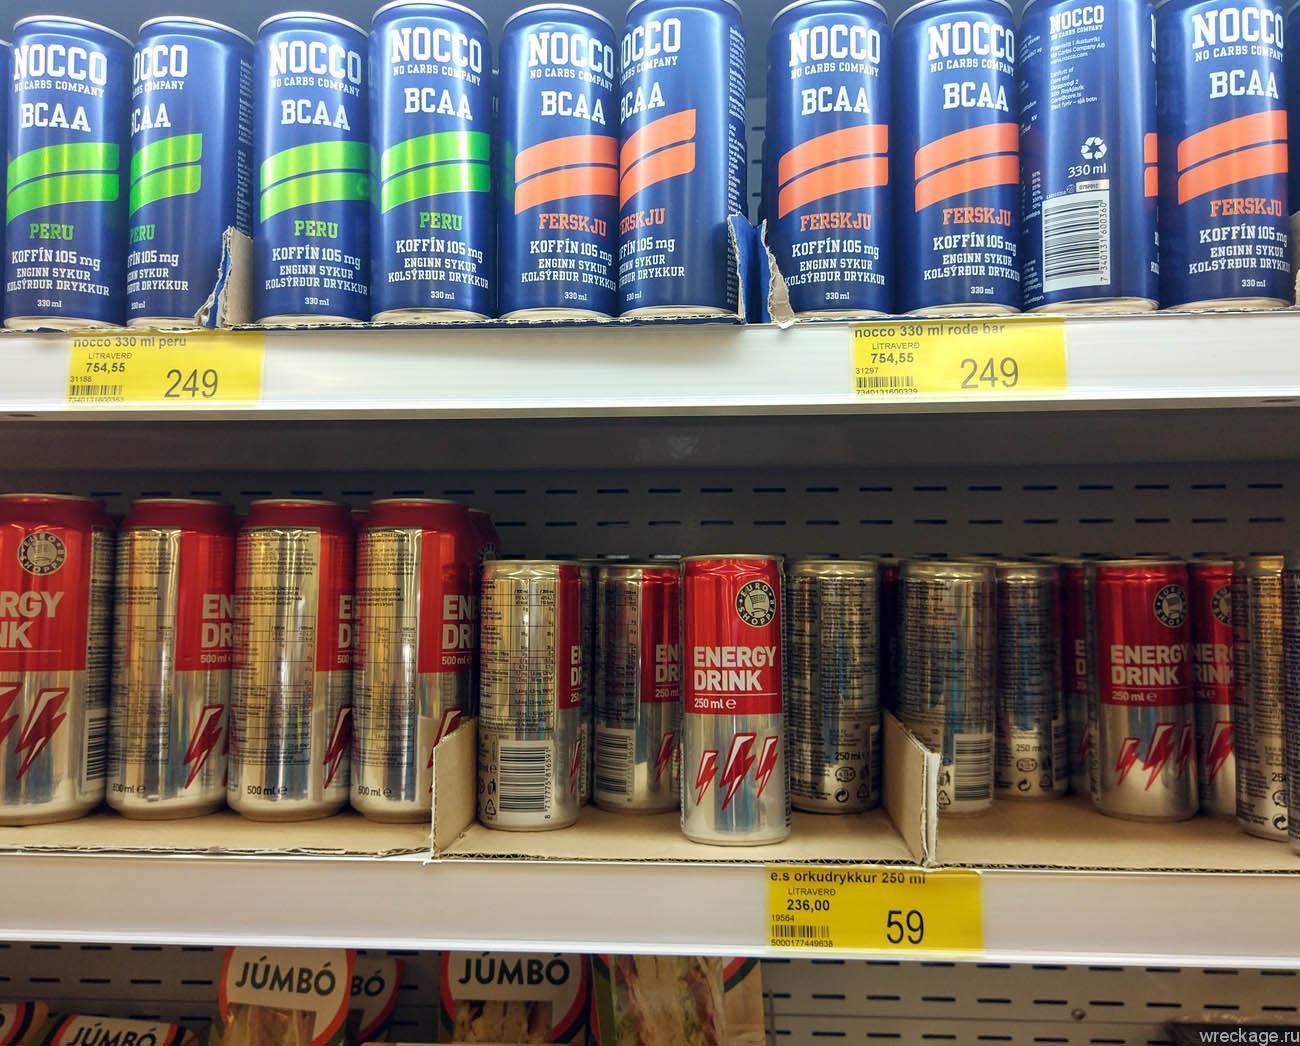 цены на напитки в исландии